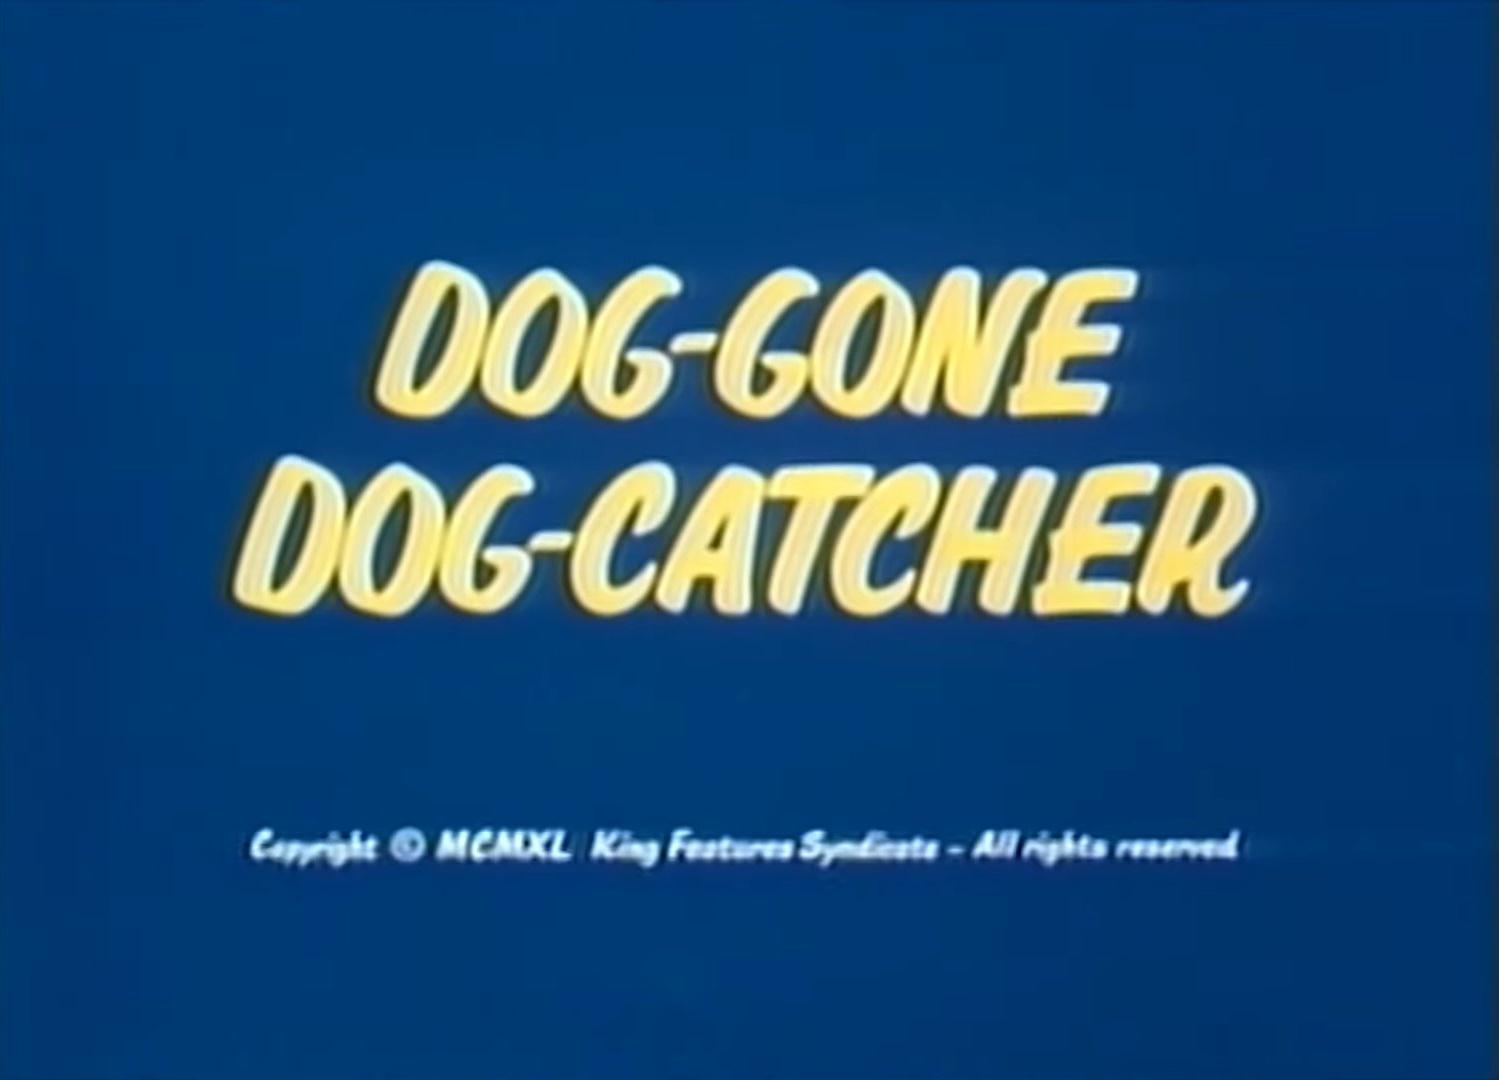 Dog-Gone Dog-Catcher